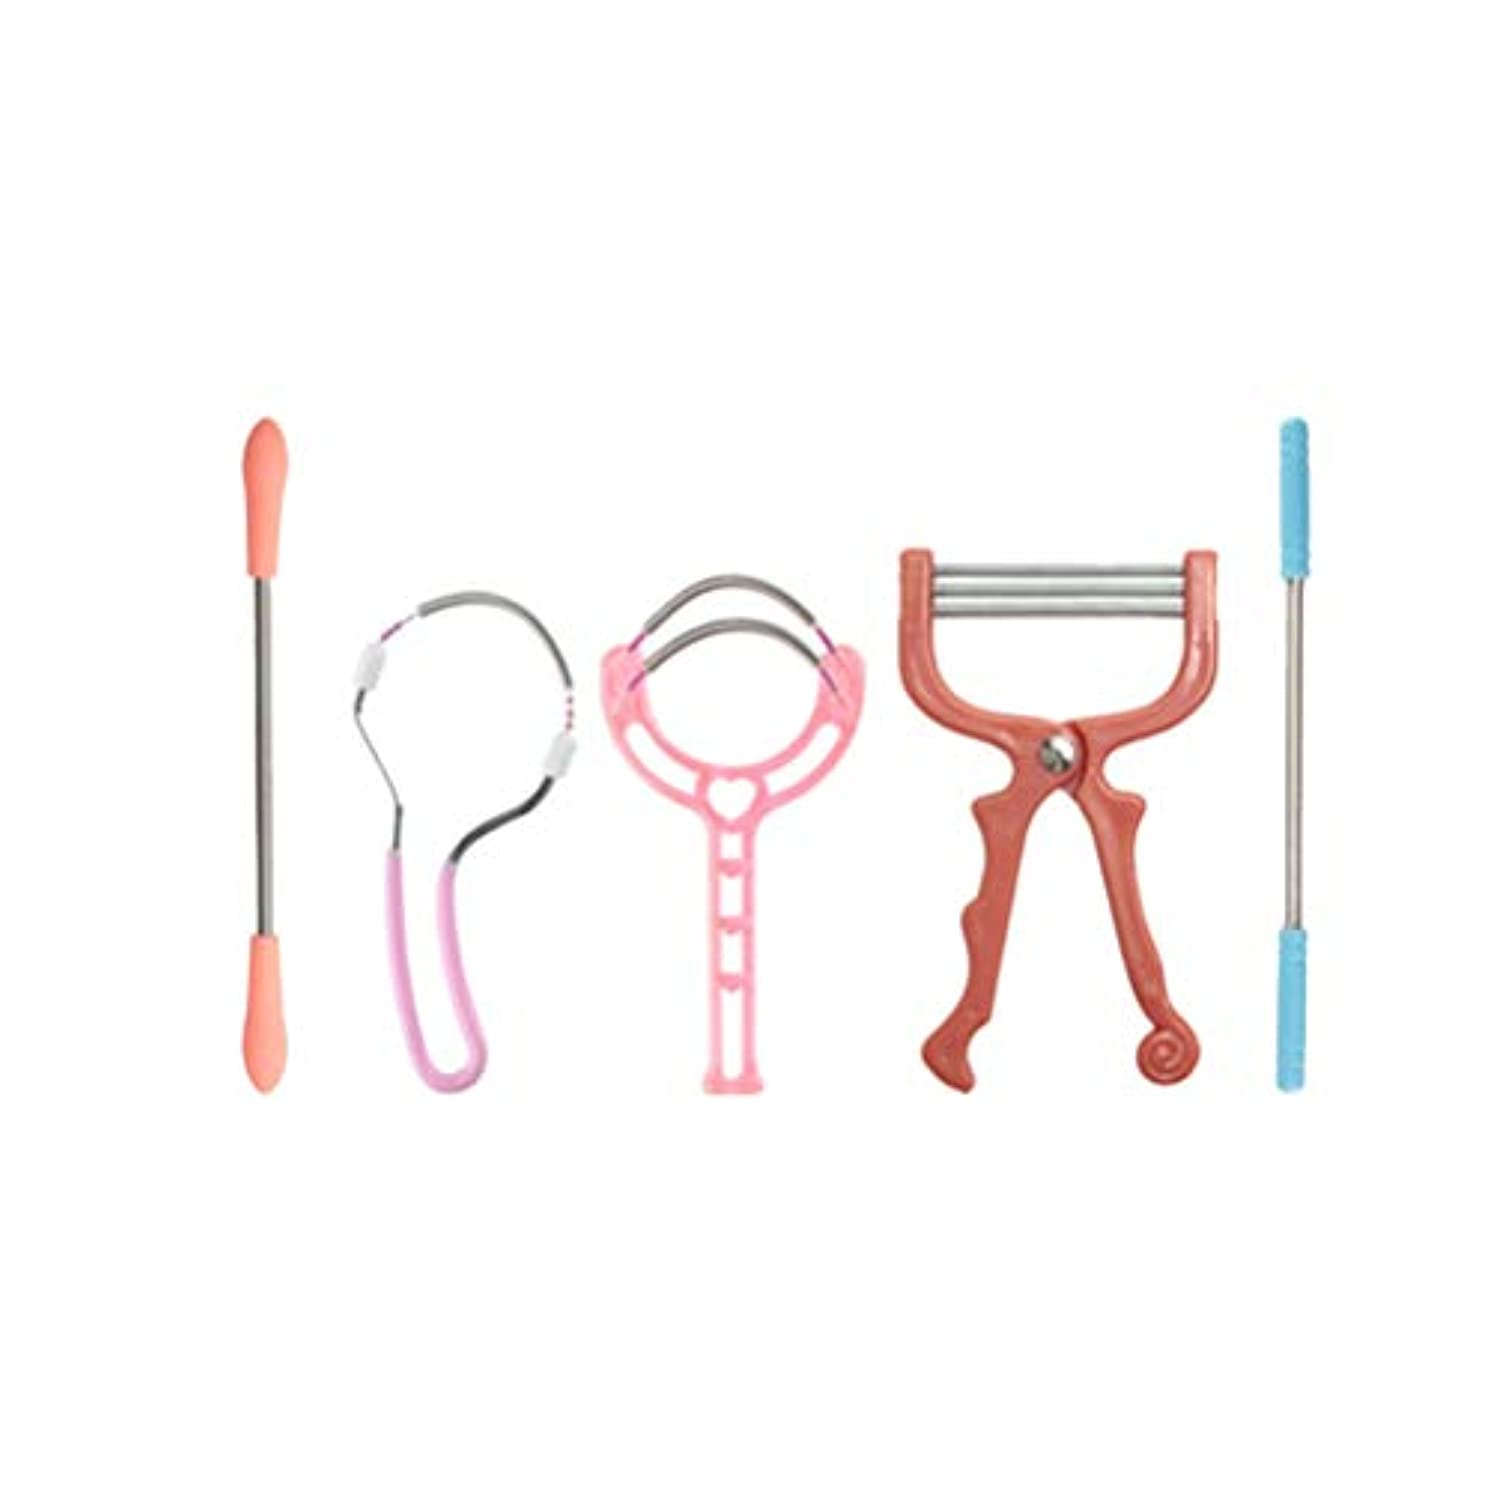 Heallily 顔の毛リムーバー脱毛キットステンレス製の脱毛器は、上唇、あご、顔、または屋外の家の旅行のための首脱毛ツールの毛シェーバーに直面している(5個)